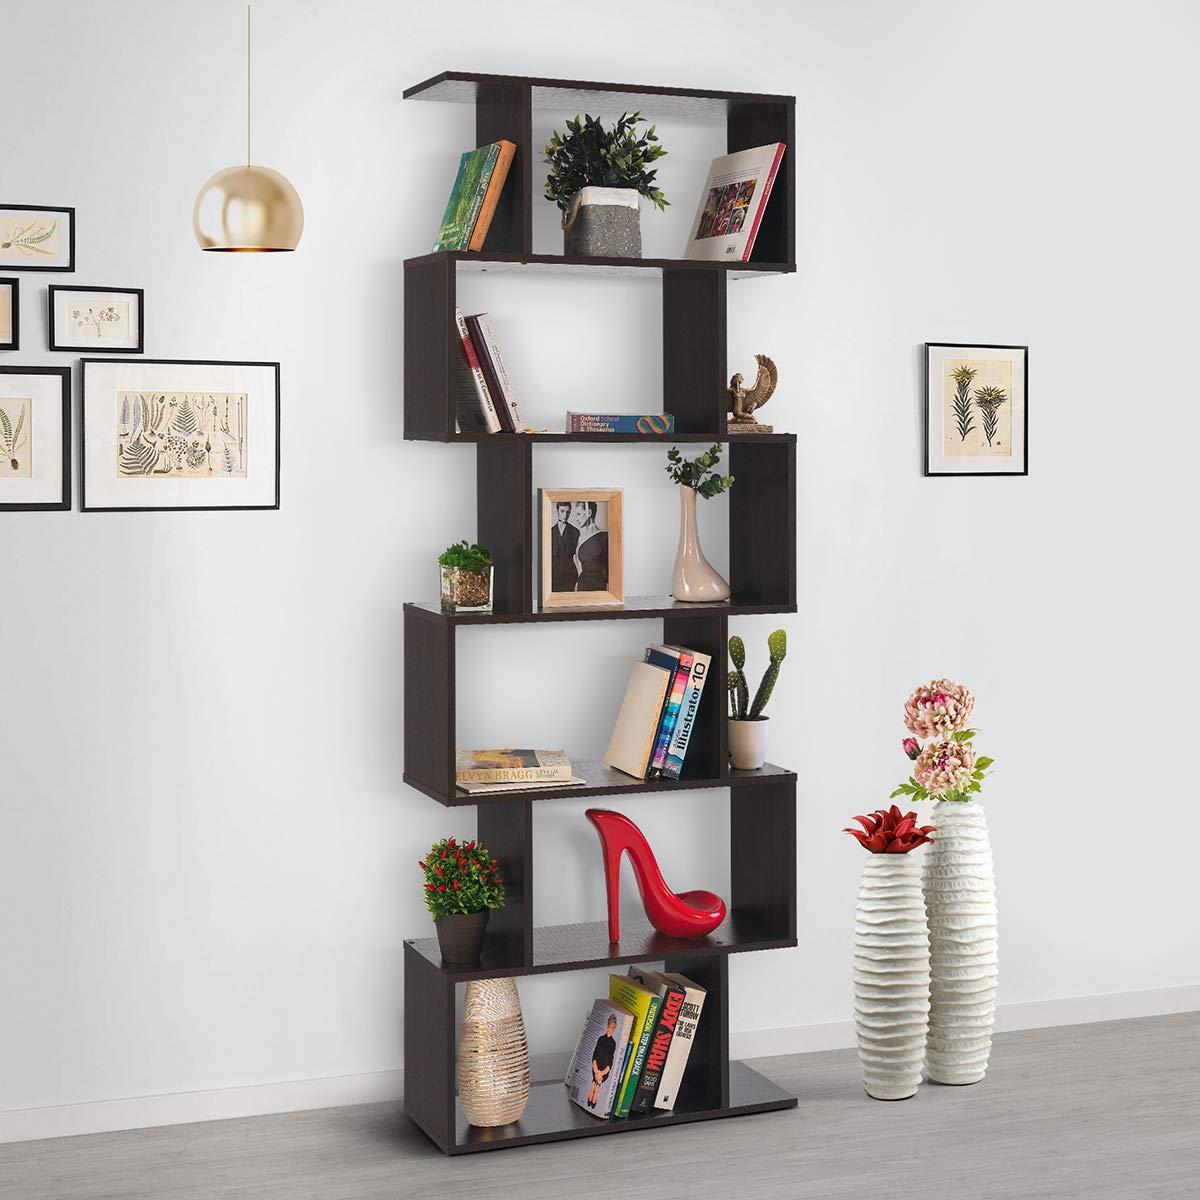 Quattro Finiture Dimensioni: 192 x 70 x 23,5 cm Scaffale libreria Decorativa Moderna e di Design COMIFORT